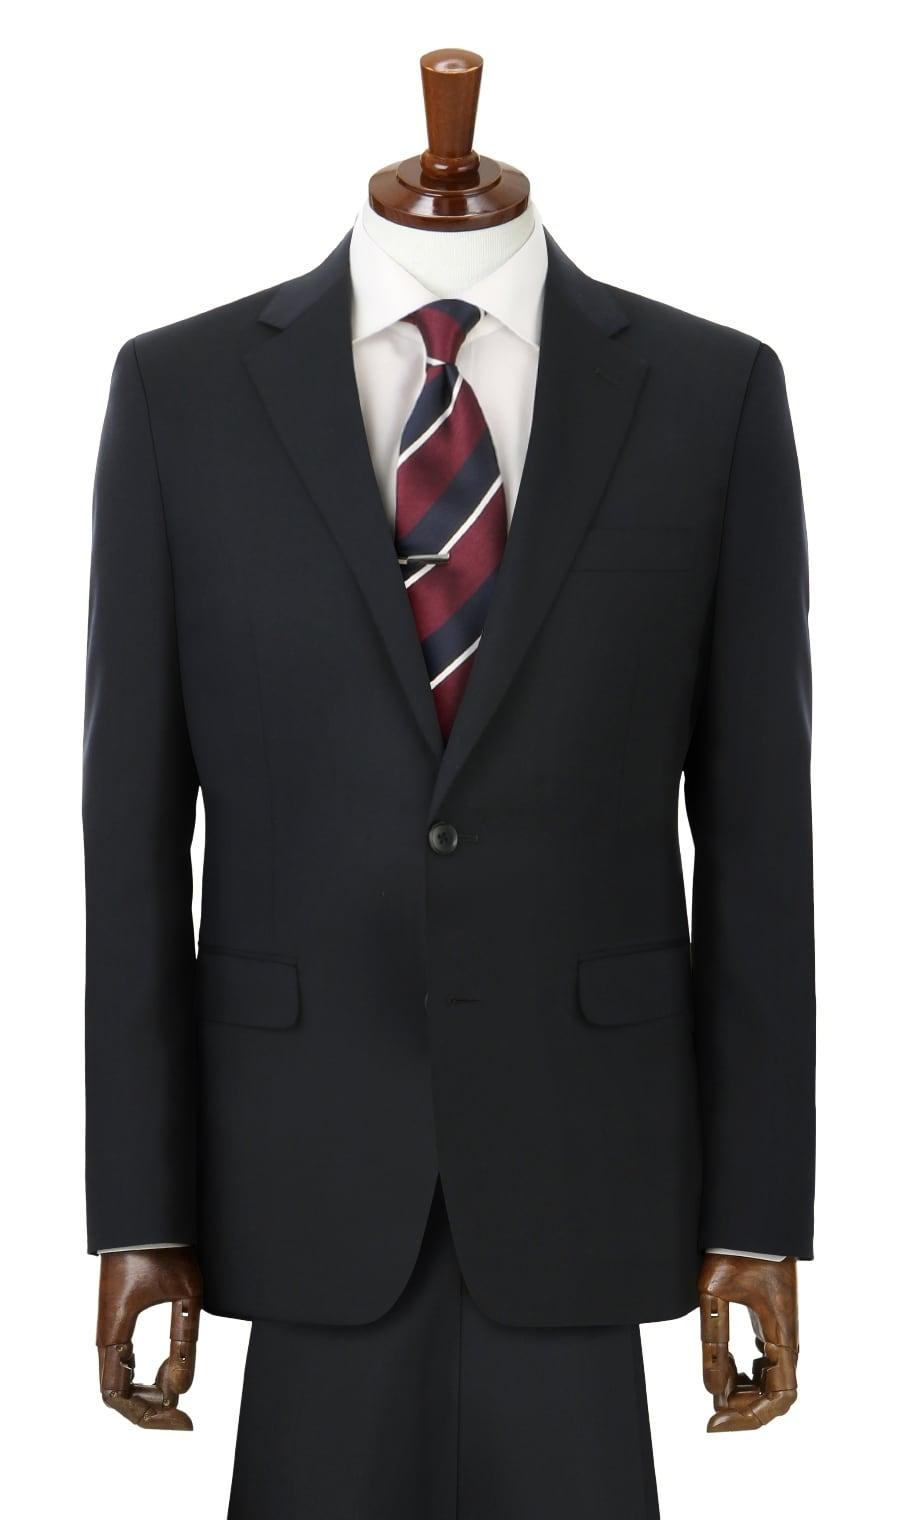 青山商事 PERSON'S FOR MEN『スタイリッシュスーツ(A18X5604-11)』